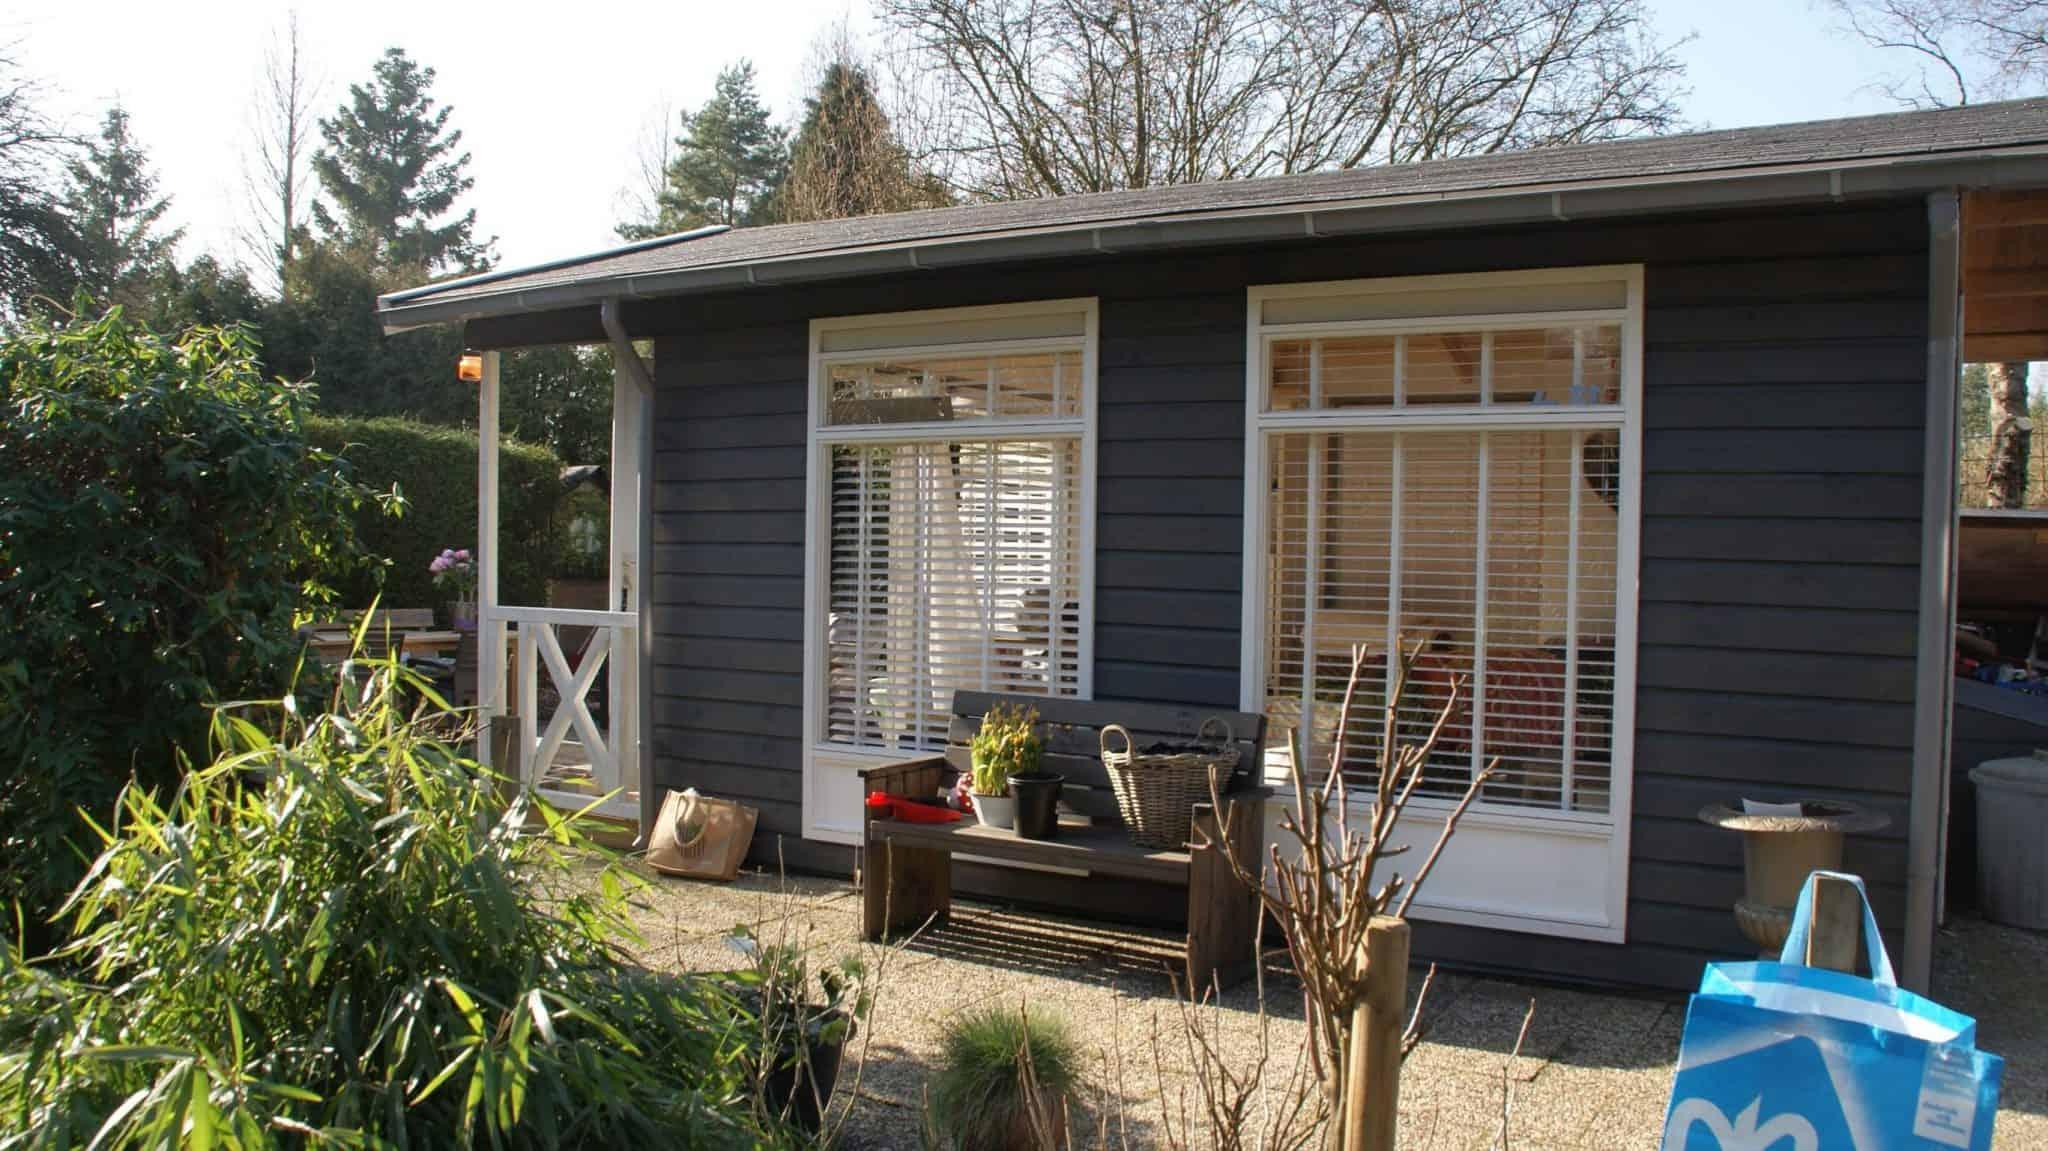 Tuin huis schilderen veel complimenten gekregen matte houtverf uit zweden moose f rg - Huis van kind buiten ...